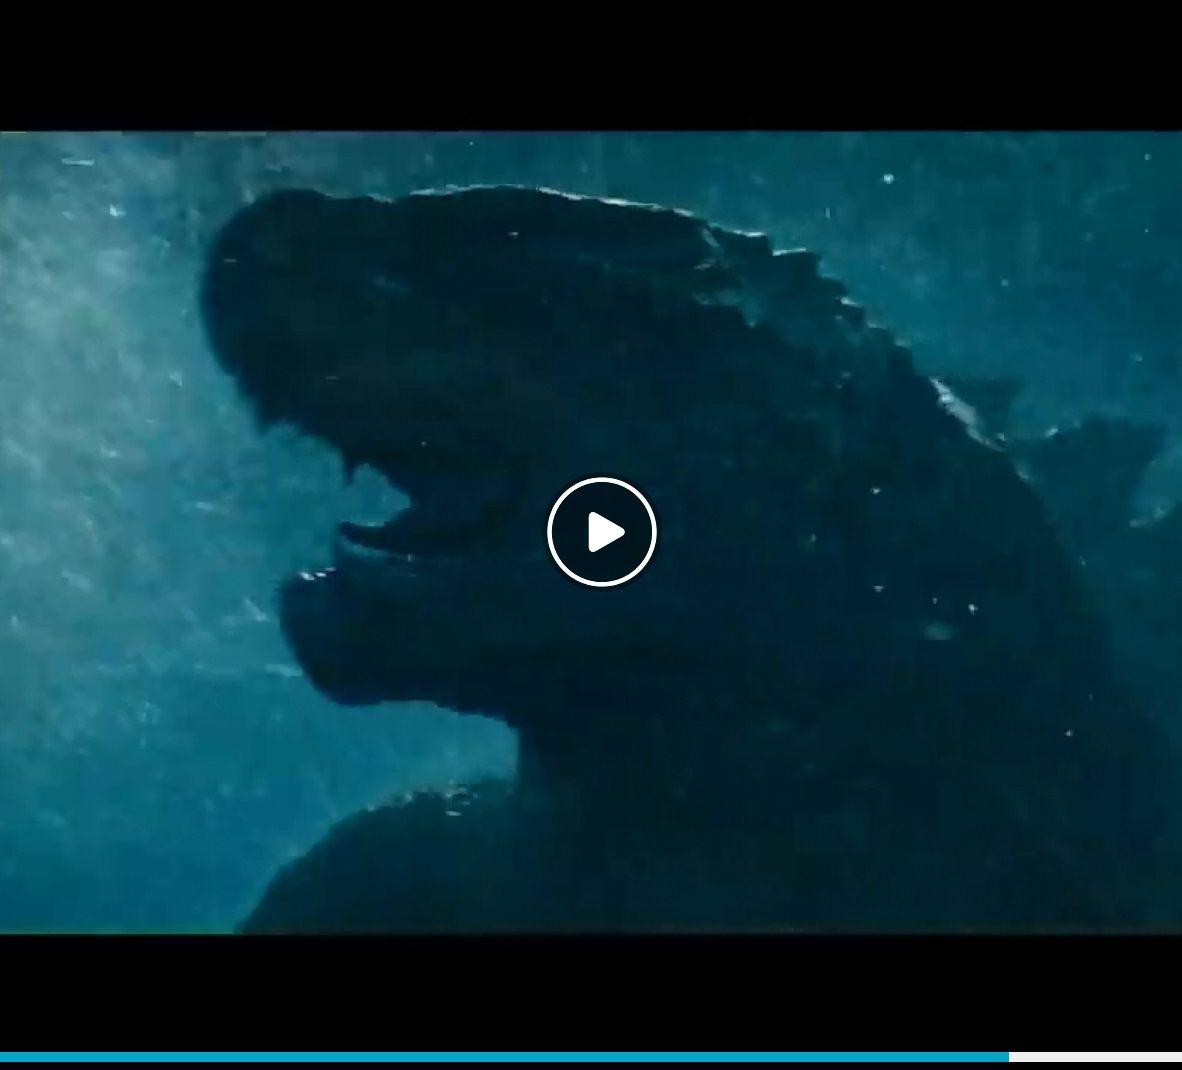 Cb01 Godzilla Ii King Of The Monsters Streaming Ita Altadefinizione 2019 Film Film Horror Guardare Film